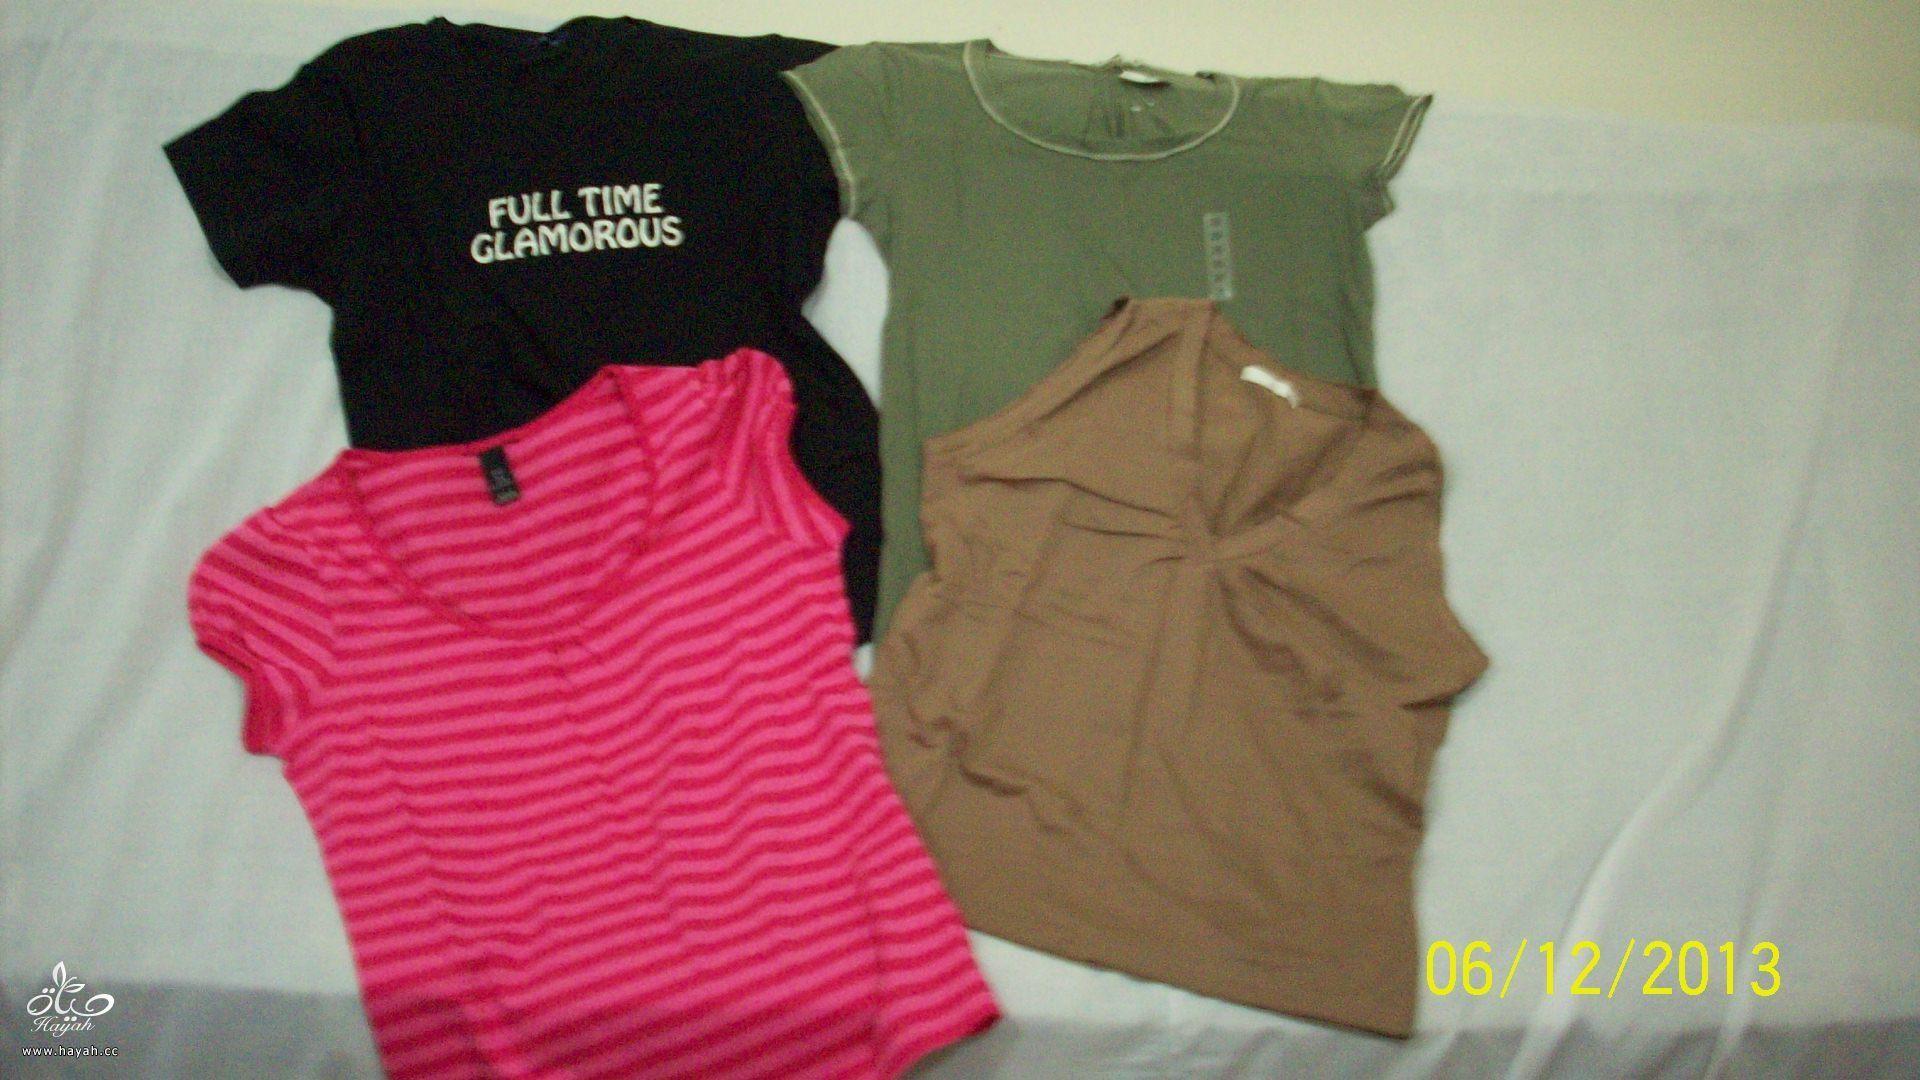 ملابسي - ملابس جديدة للبيع hayahcc_1389921709_675.jpg